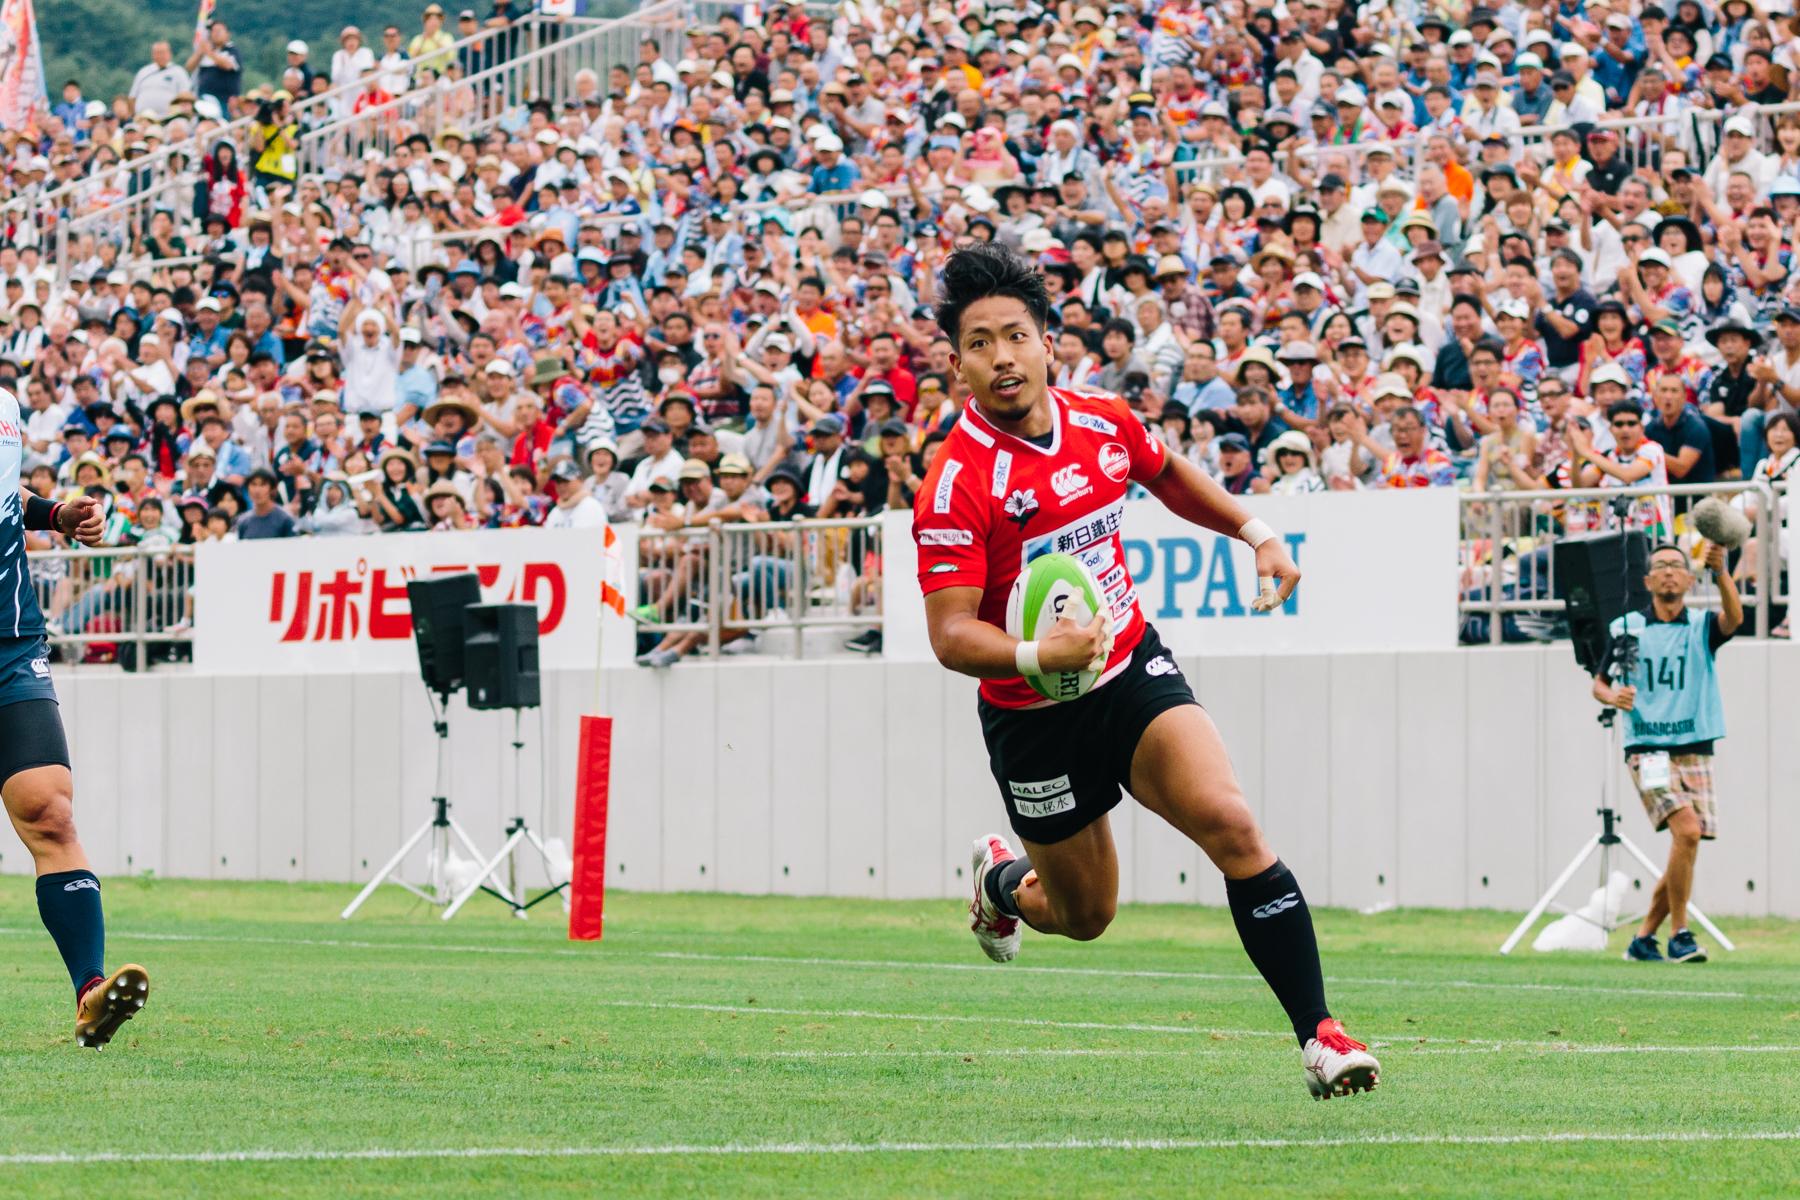 釜石シーウェイブスRFC選手紹介2019 第8弾『二宮昂生選手』